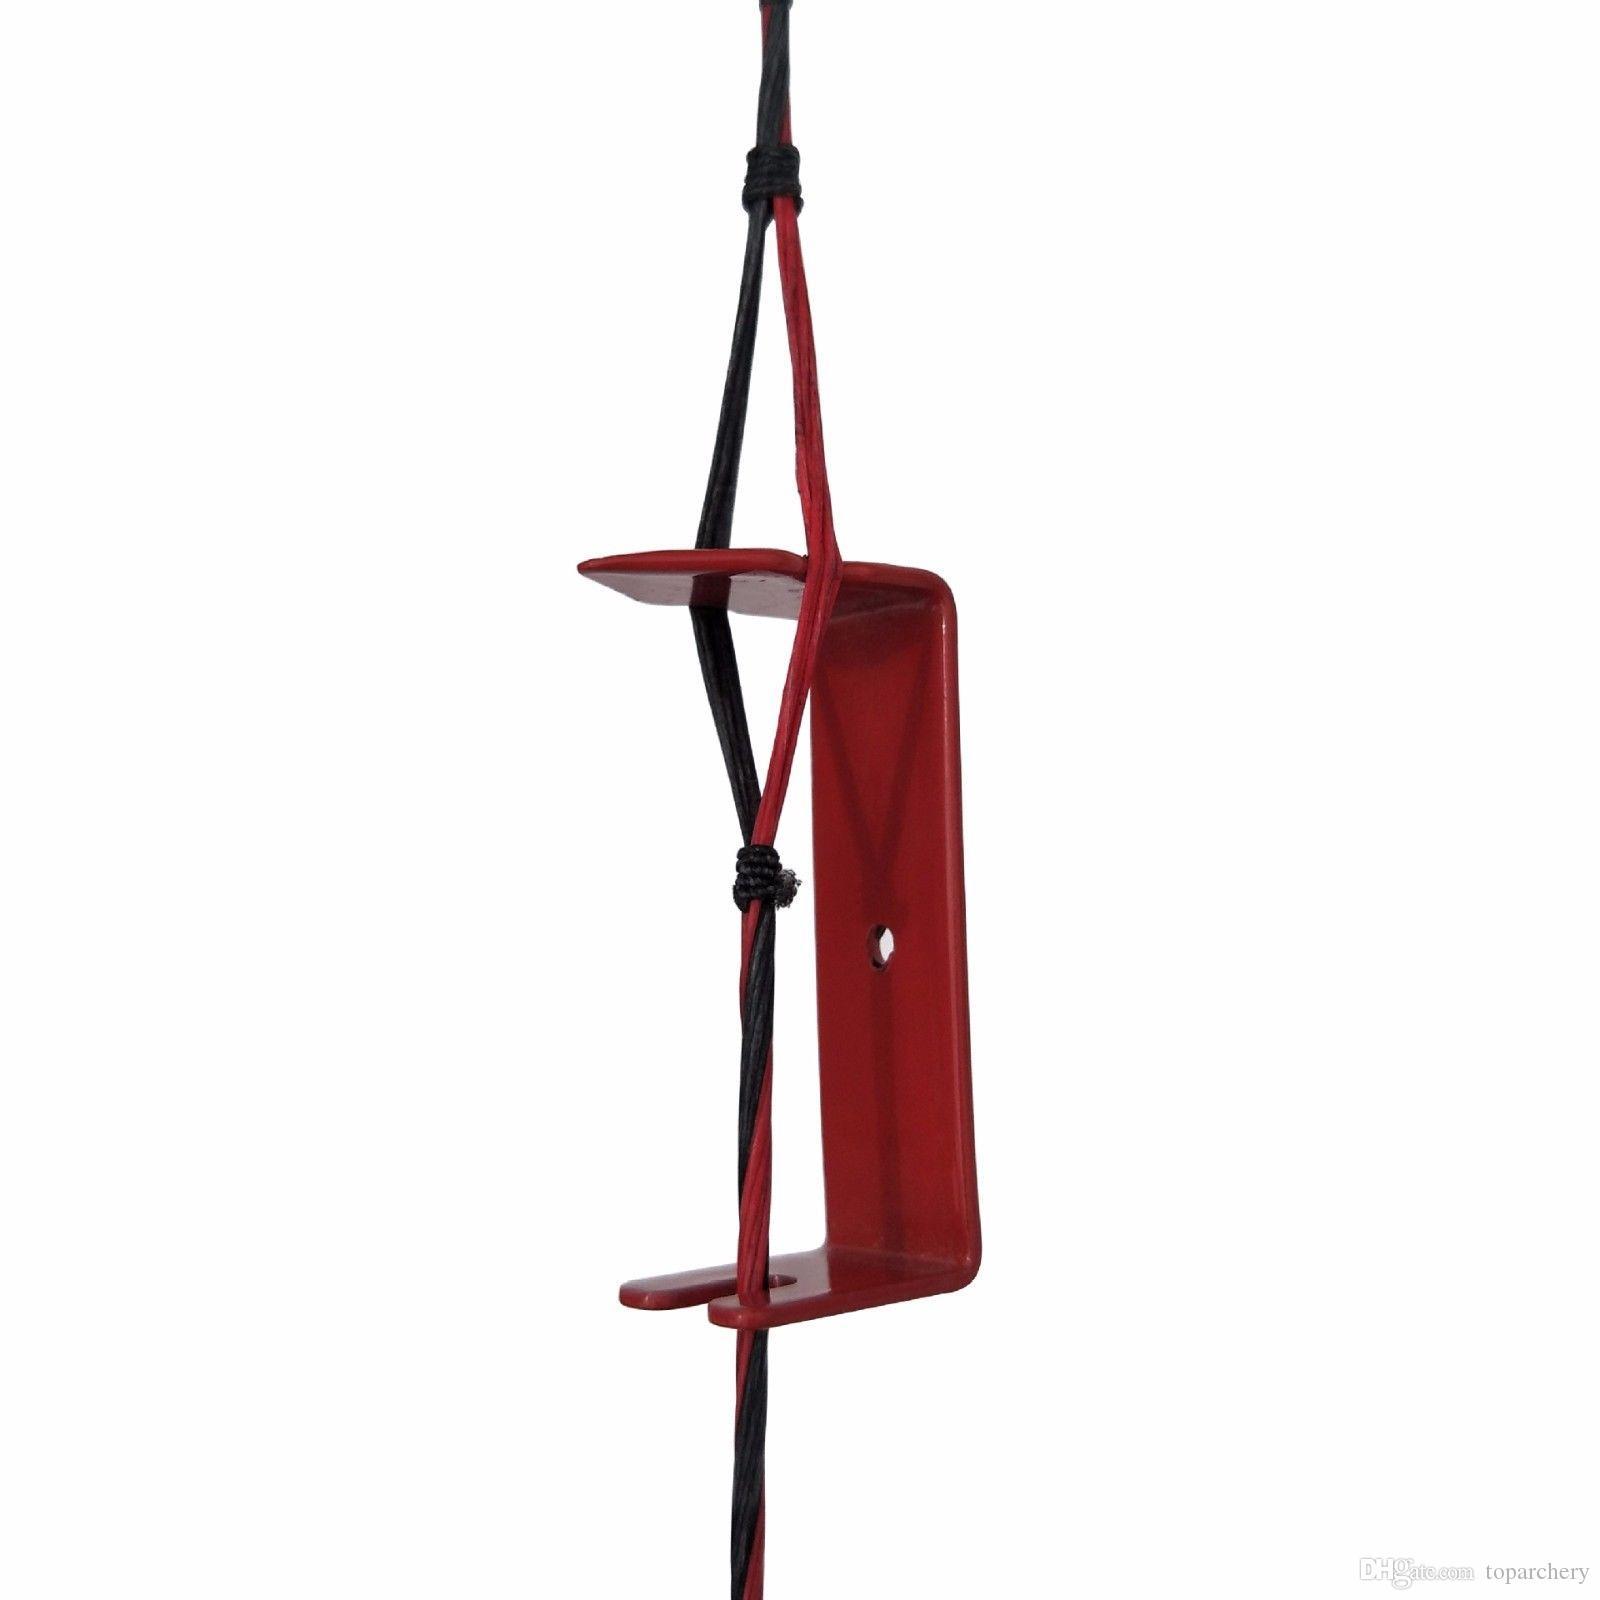 أدوات القوس سلسلة فاصل لتثبيت البصر زقزقة لمجمع القوس سبائك الألومنيوم الصيد الرماية الرماية السهم الملحقات